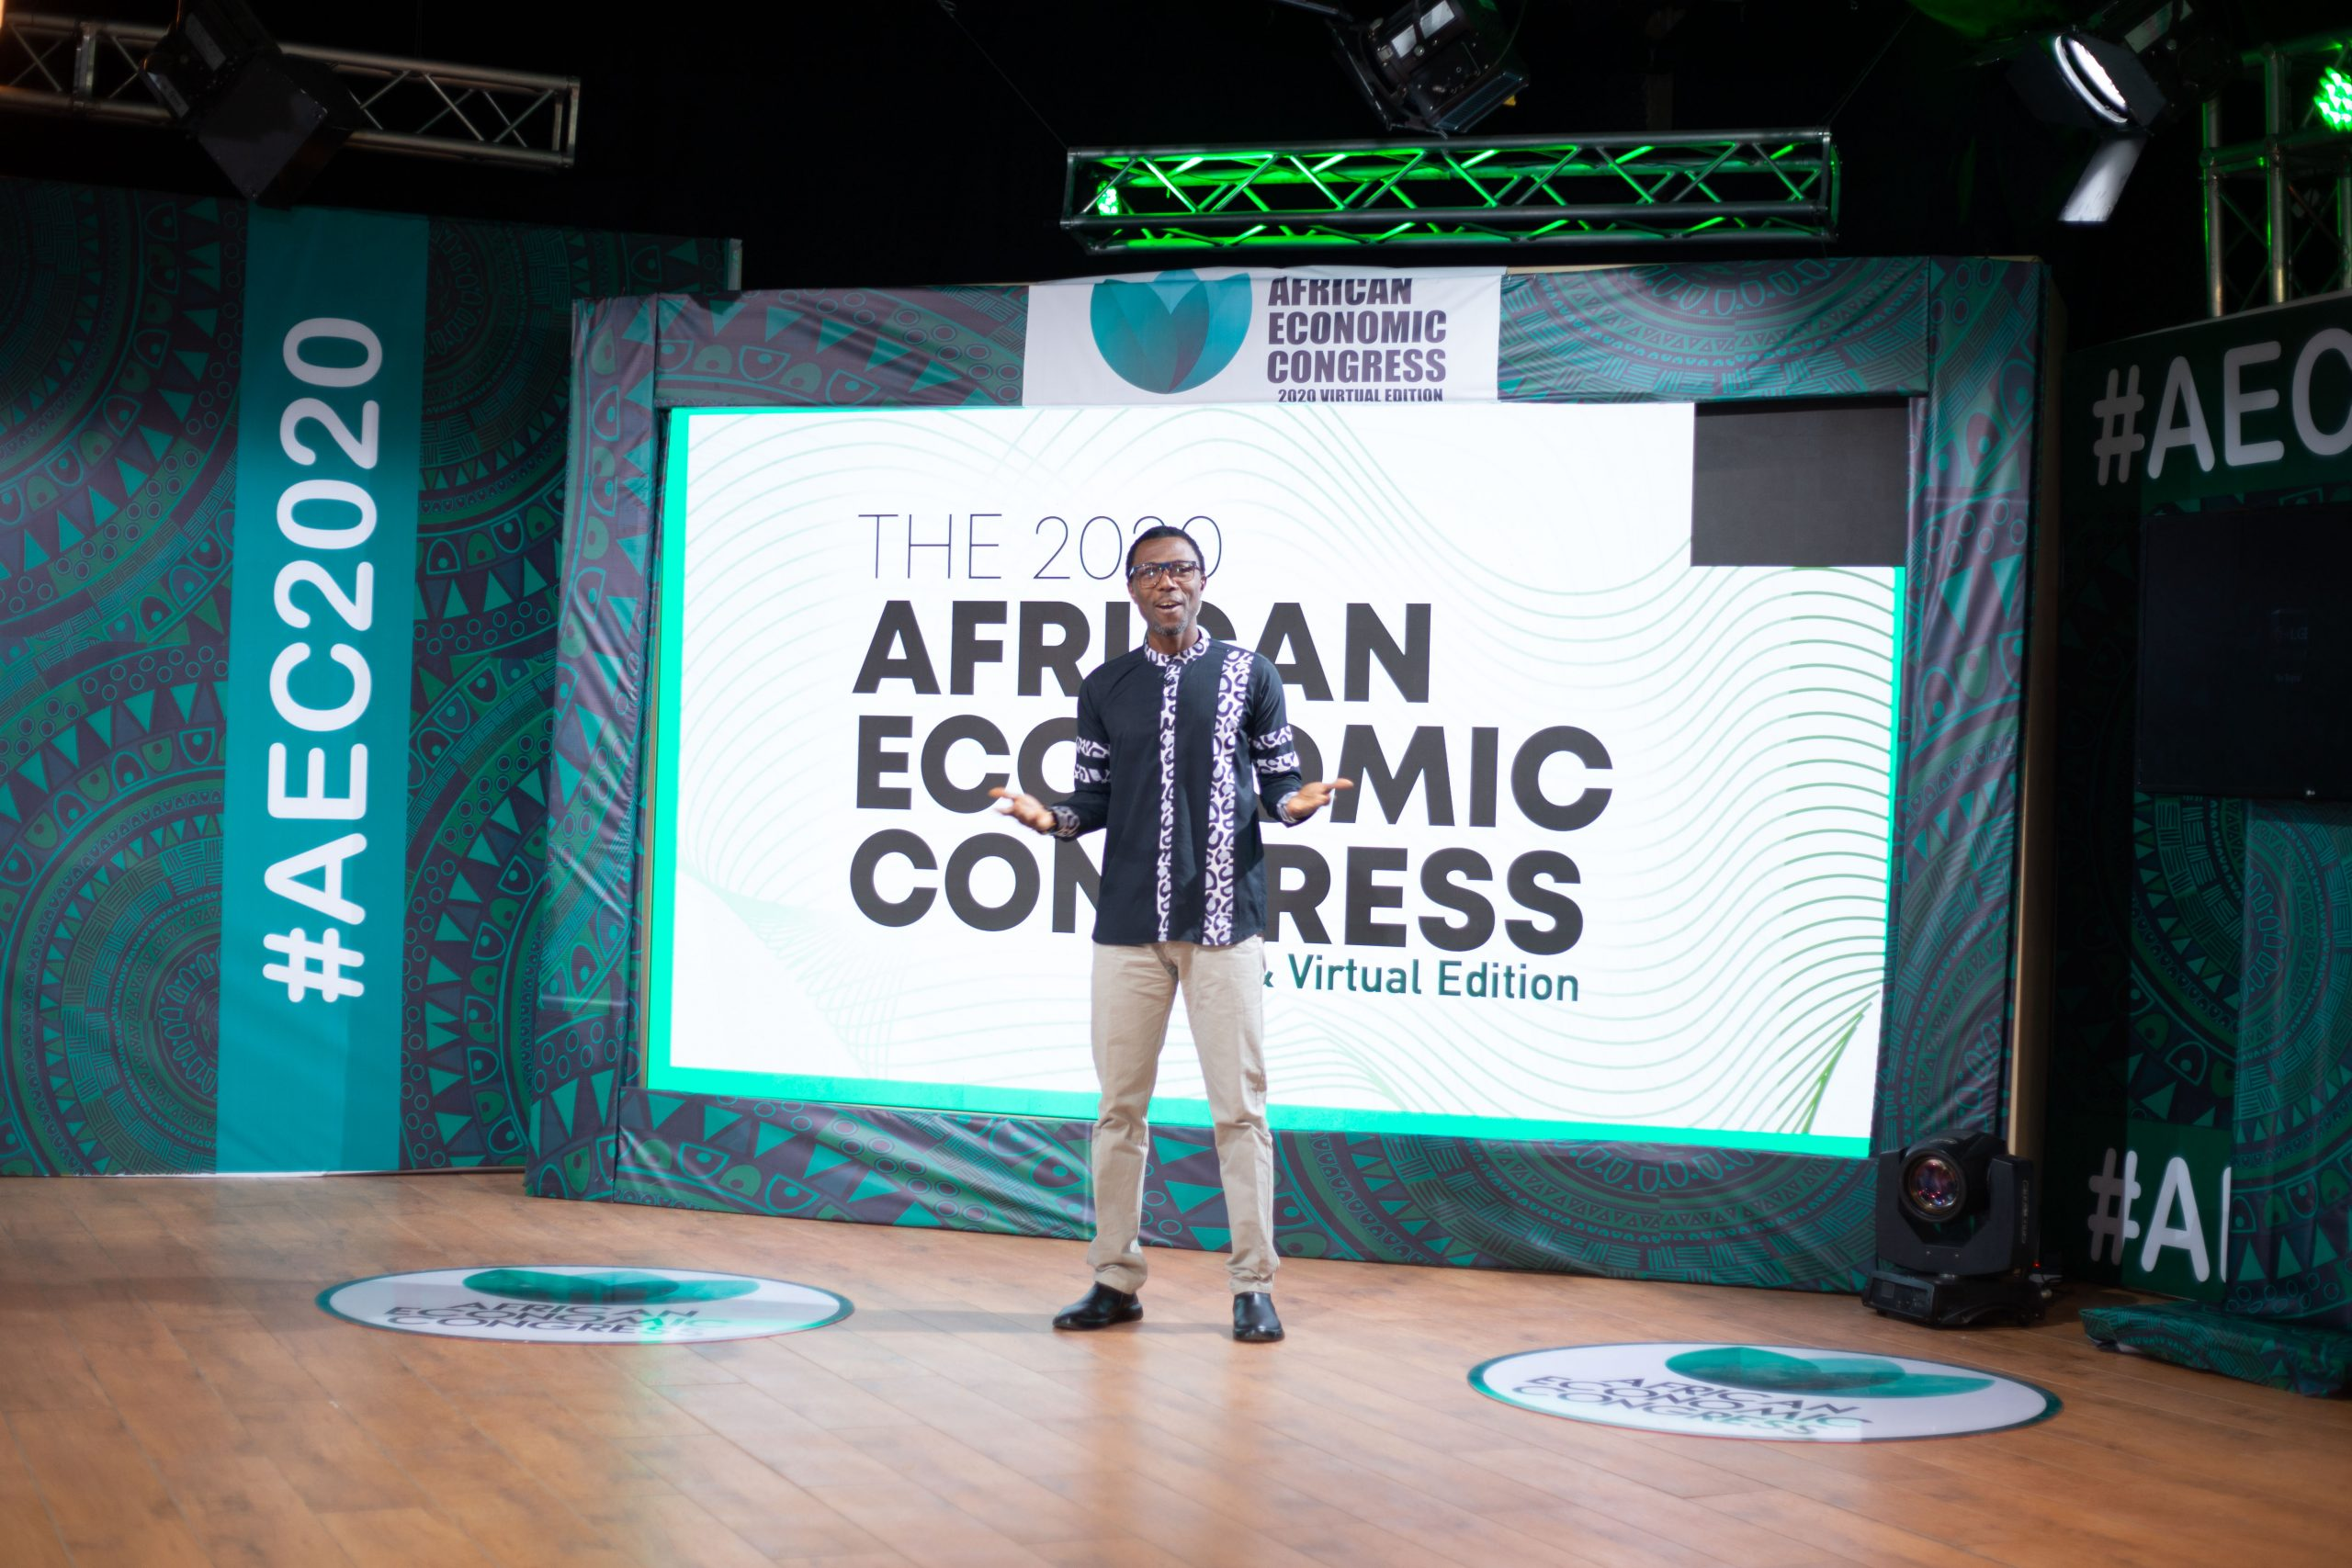 AEC 2020 Sessions